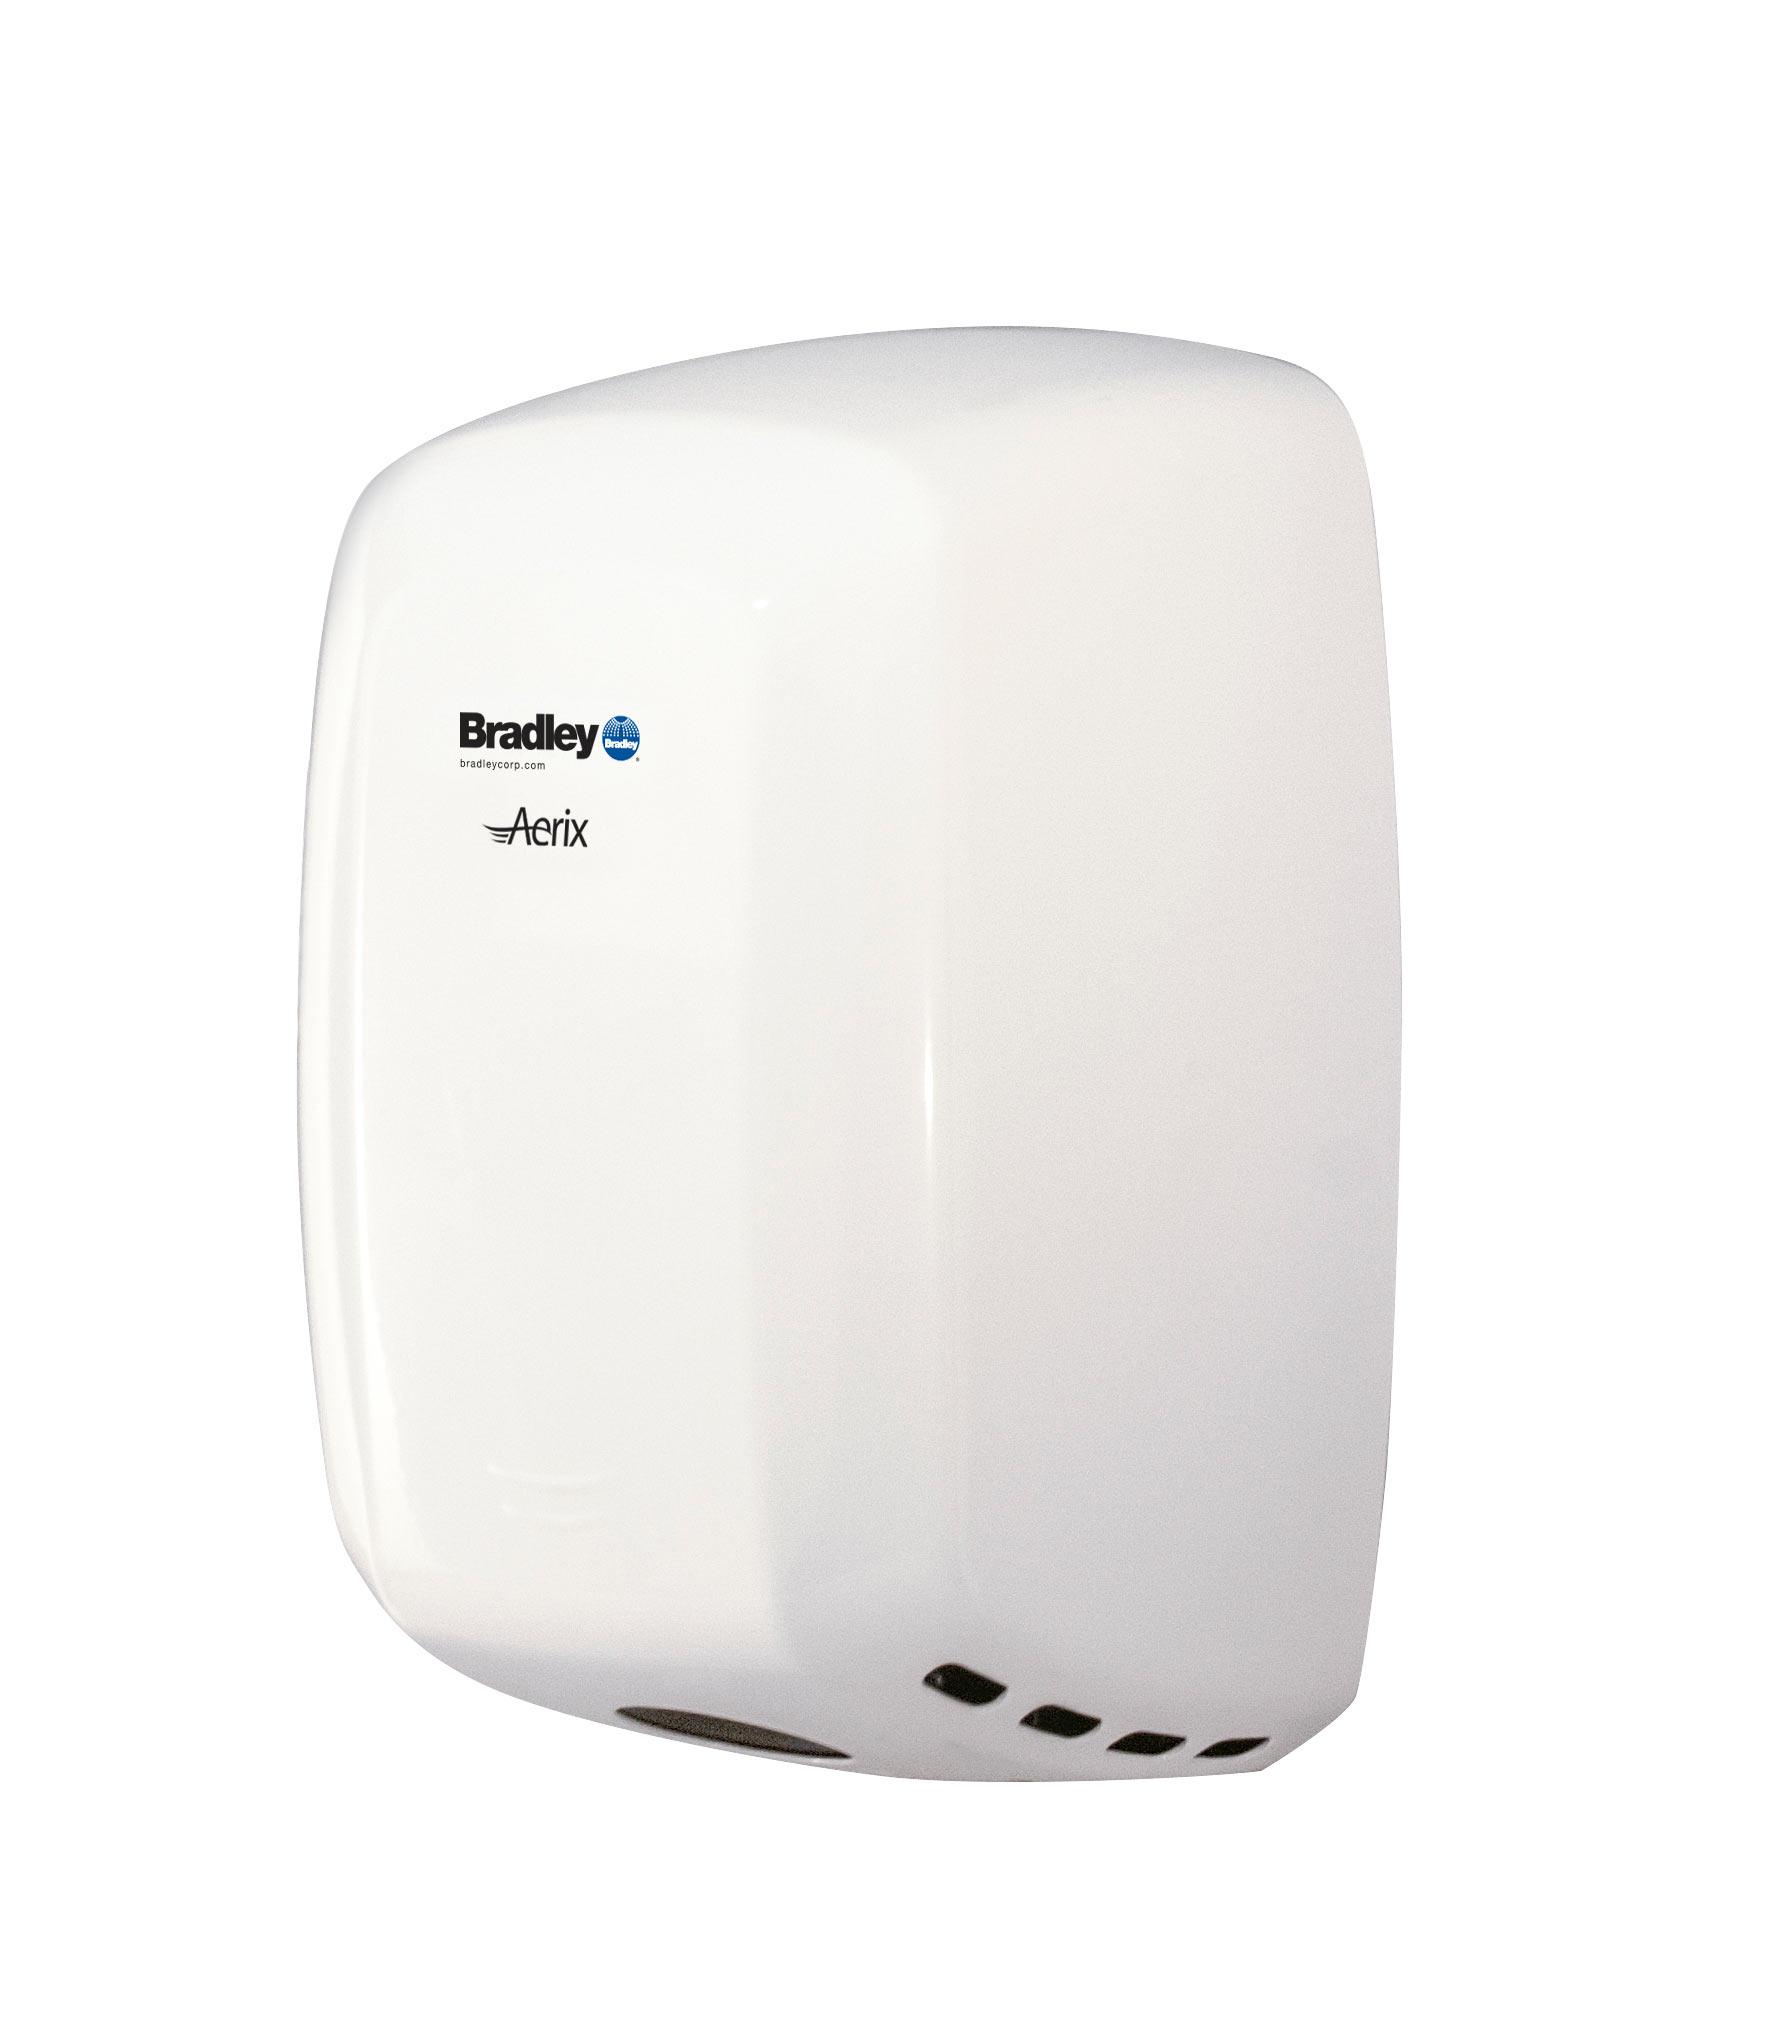 Bradley Aerix 2901-2873 White Adjustable Speed Hand Dryer